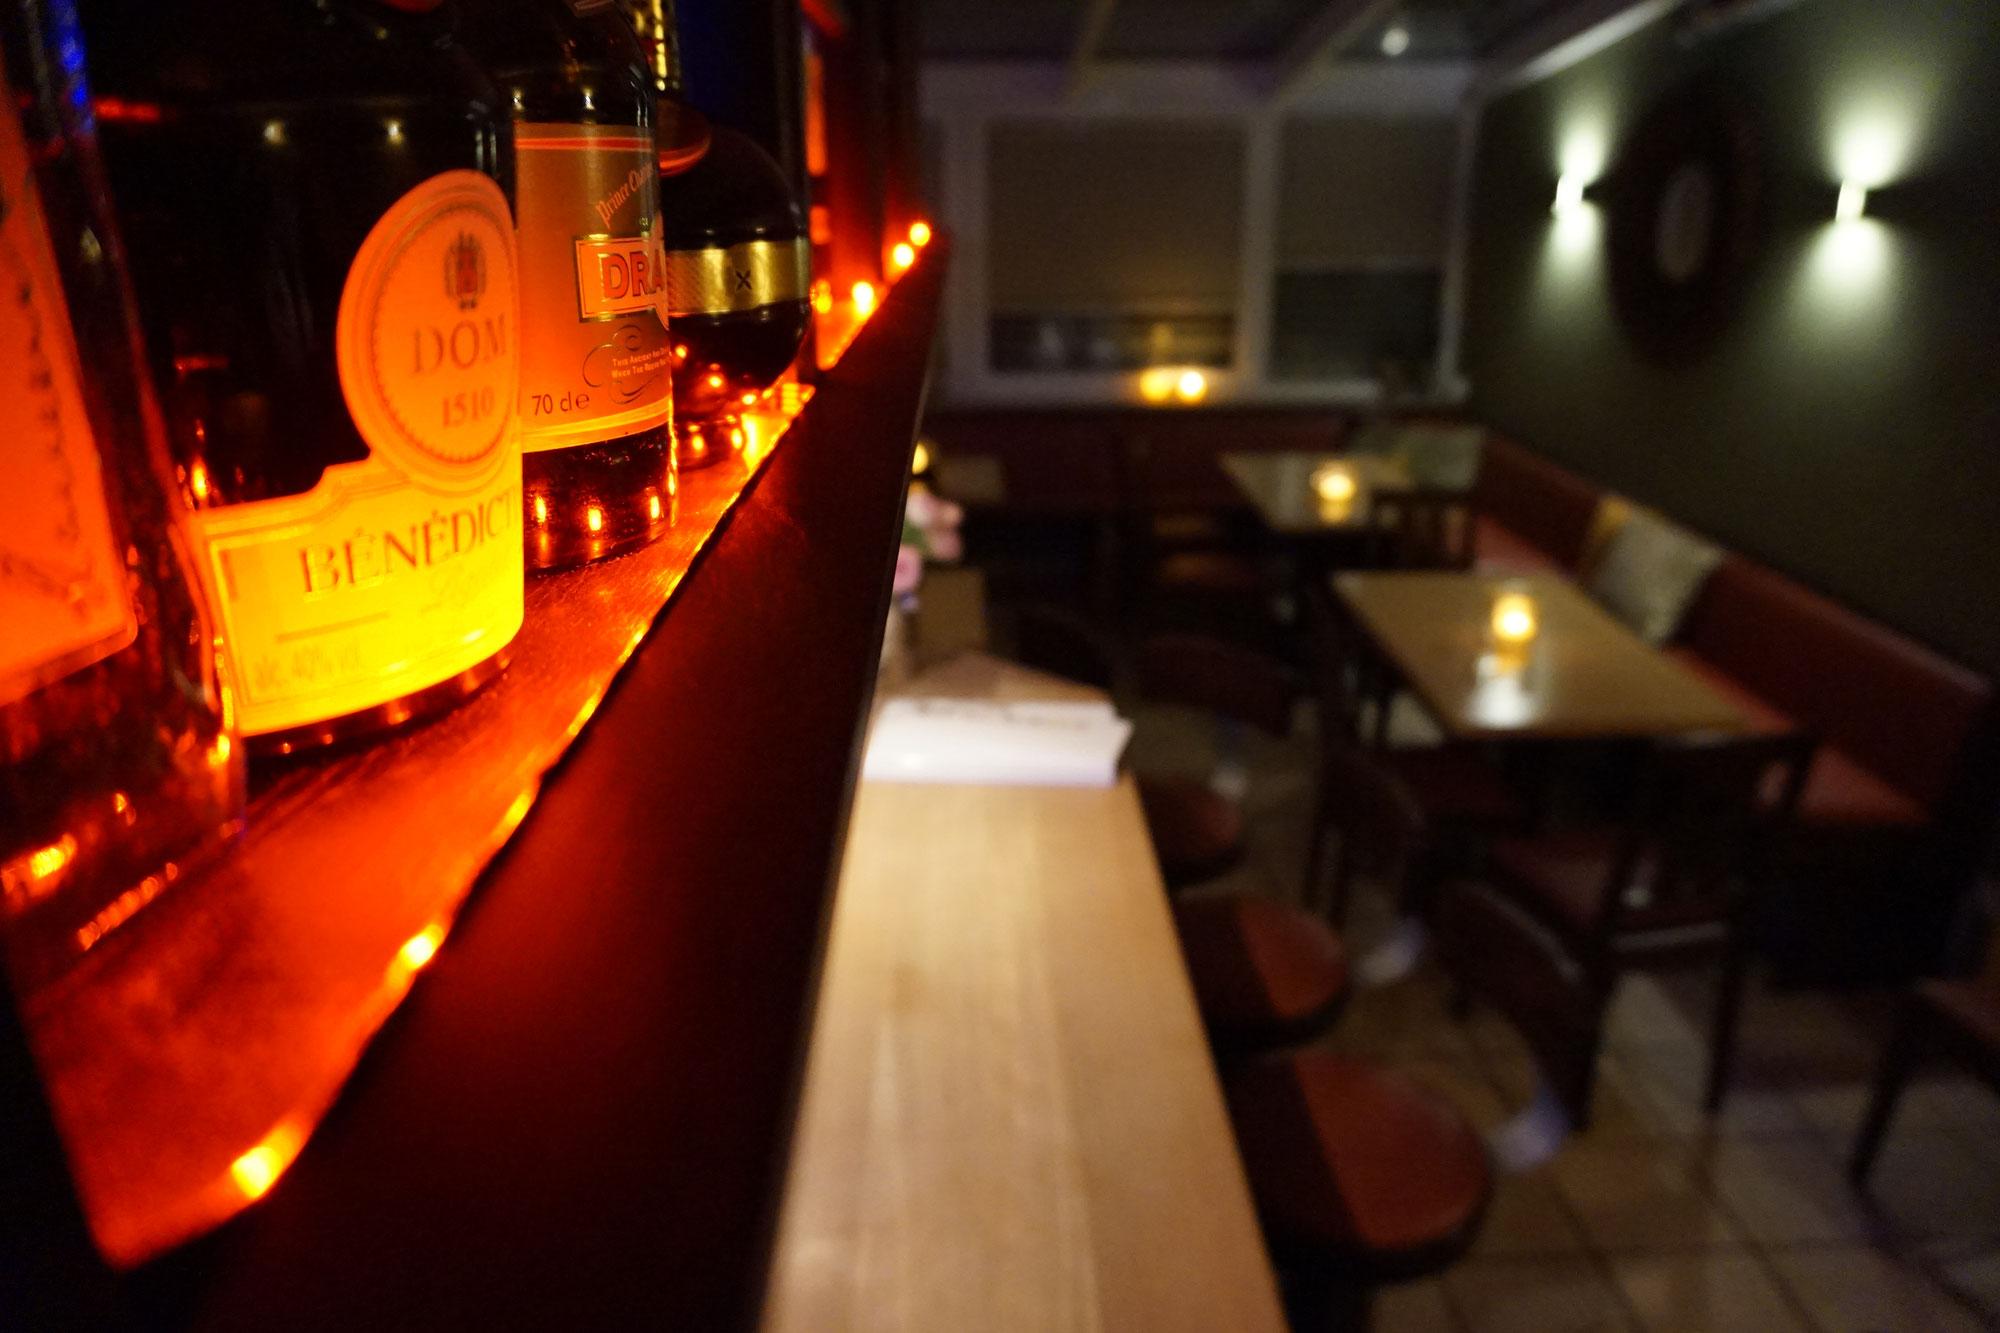 Abschied einer Cocktailbar - Goodbye Muckis Bar